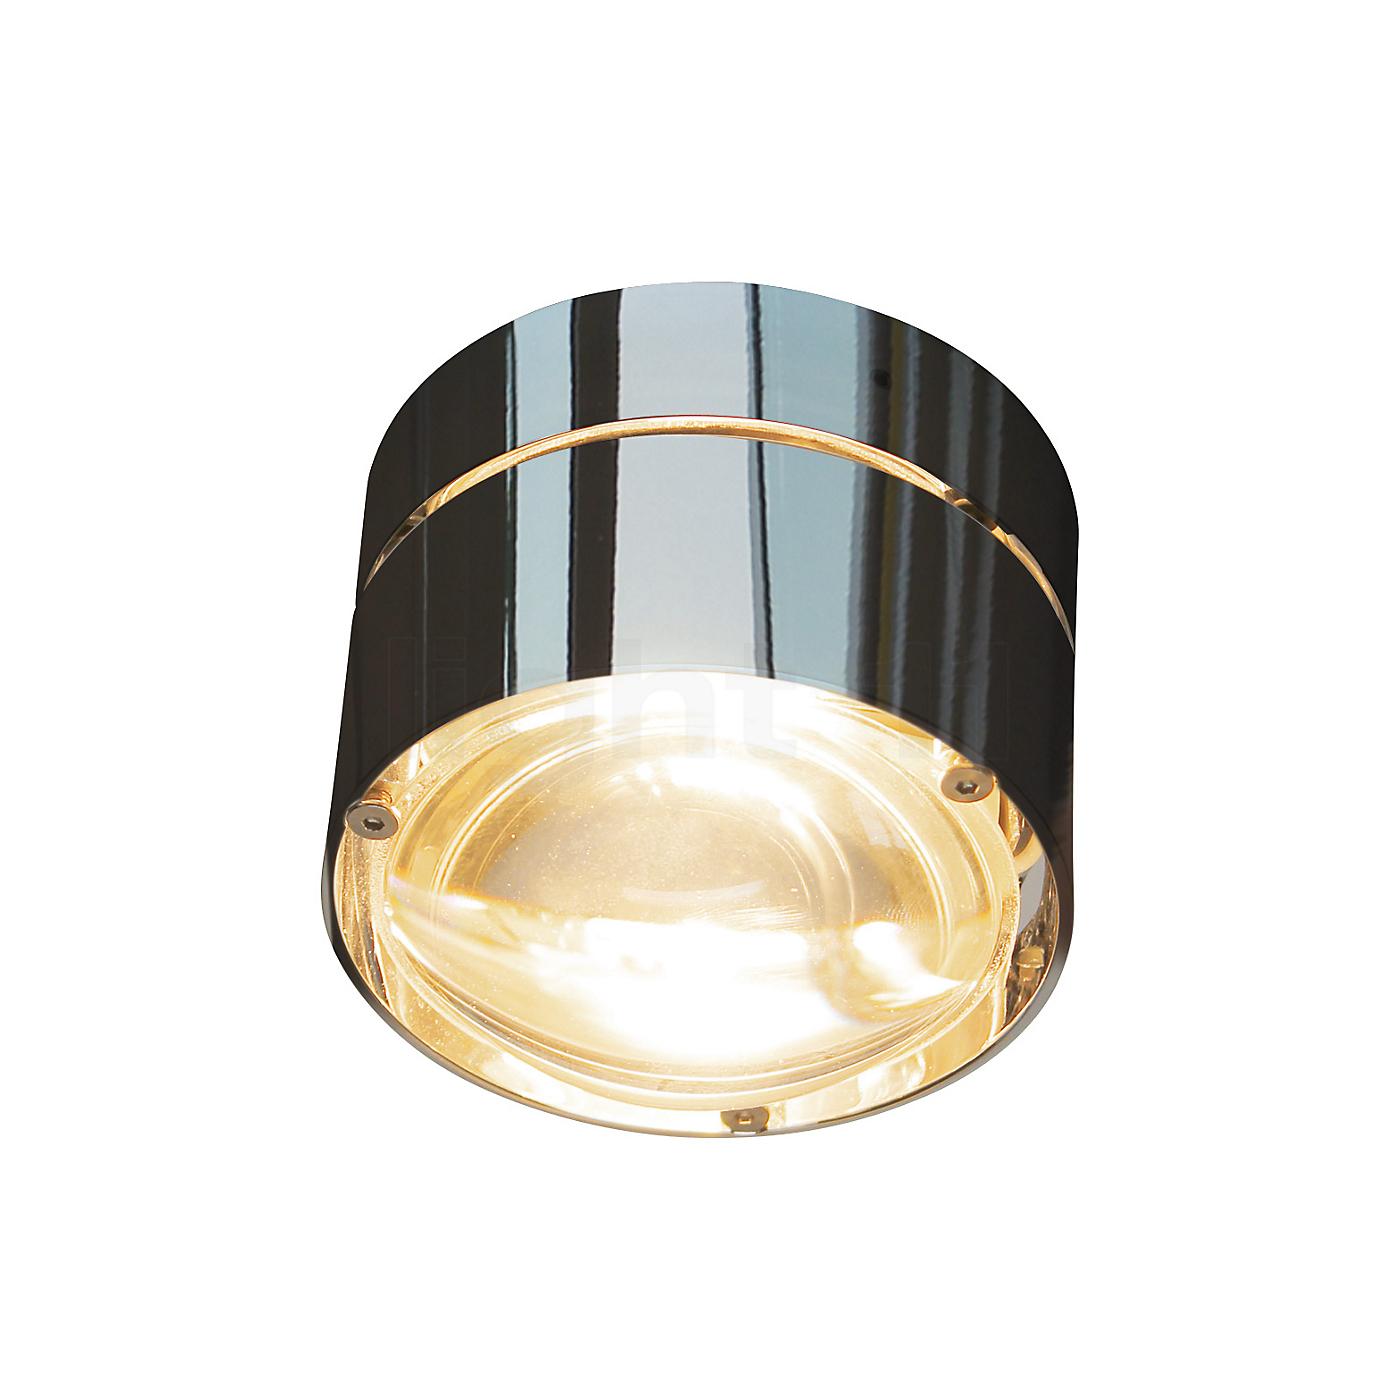 top light puk plus led plafondlamp kopen op. Black Bedroom Furniture Sets. Home Design Ideas